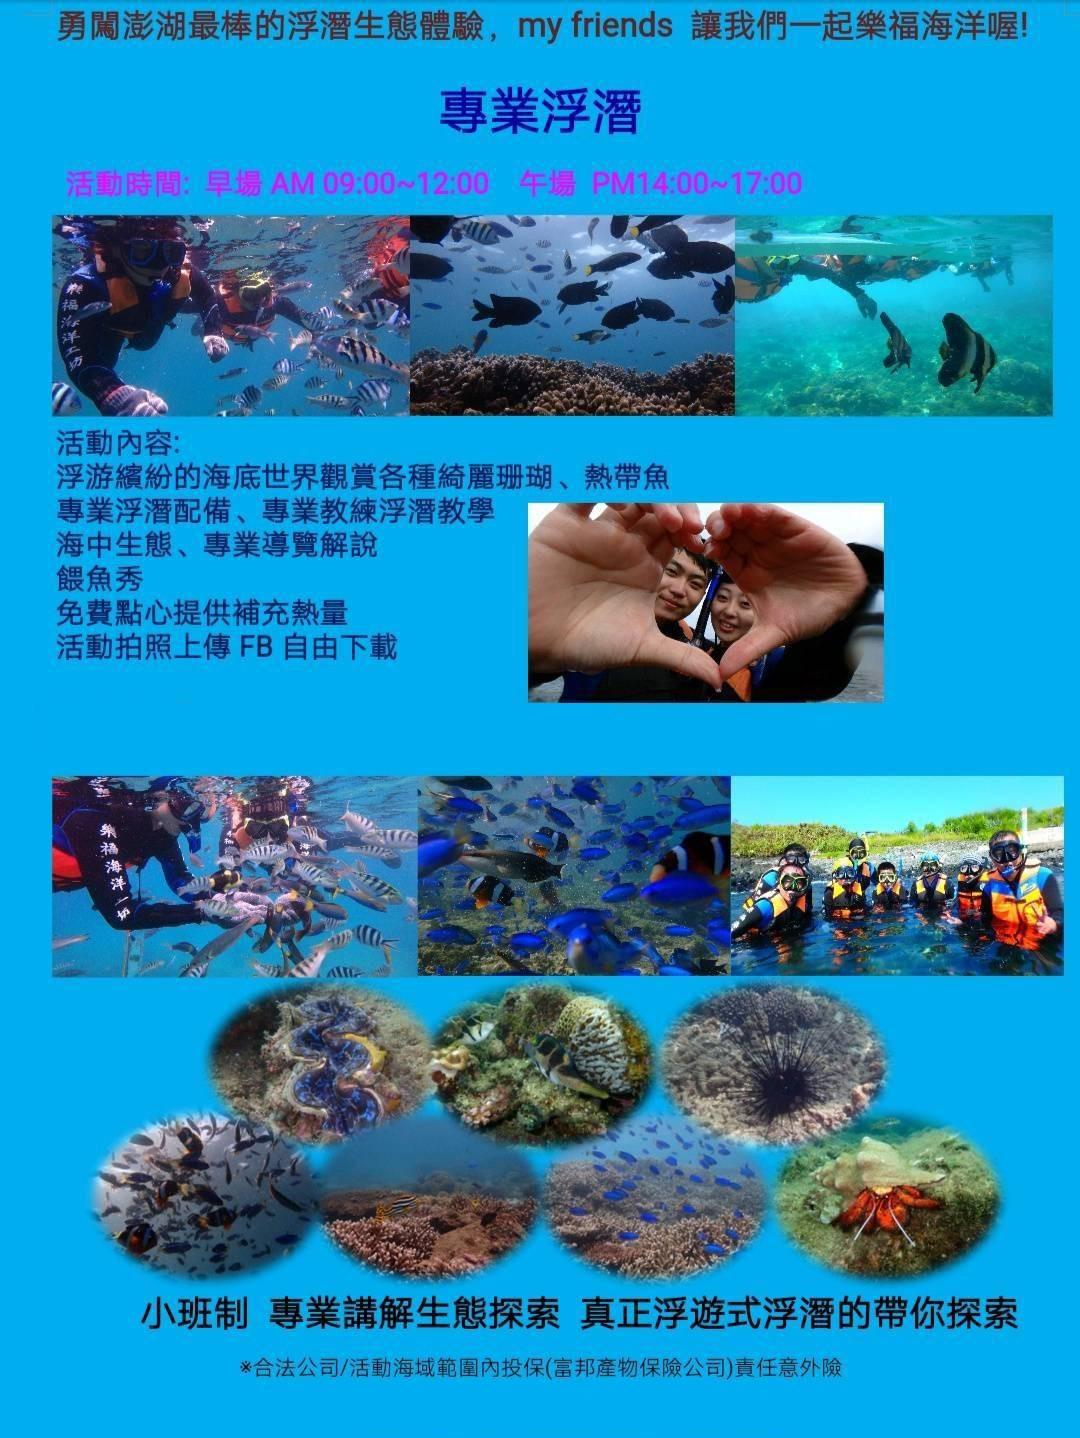 2020澎湖花火節|澎湖旅遊|澎湖民宿|澎湖行程|愛玩咖